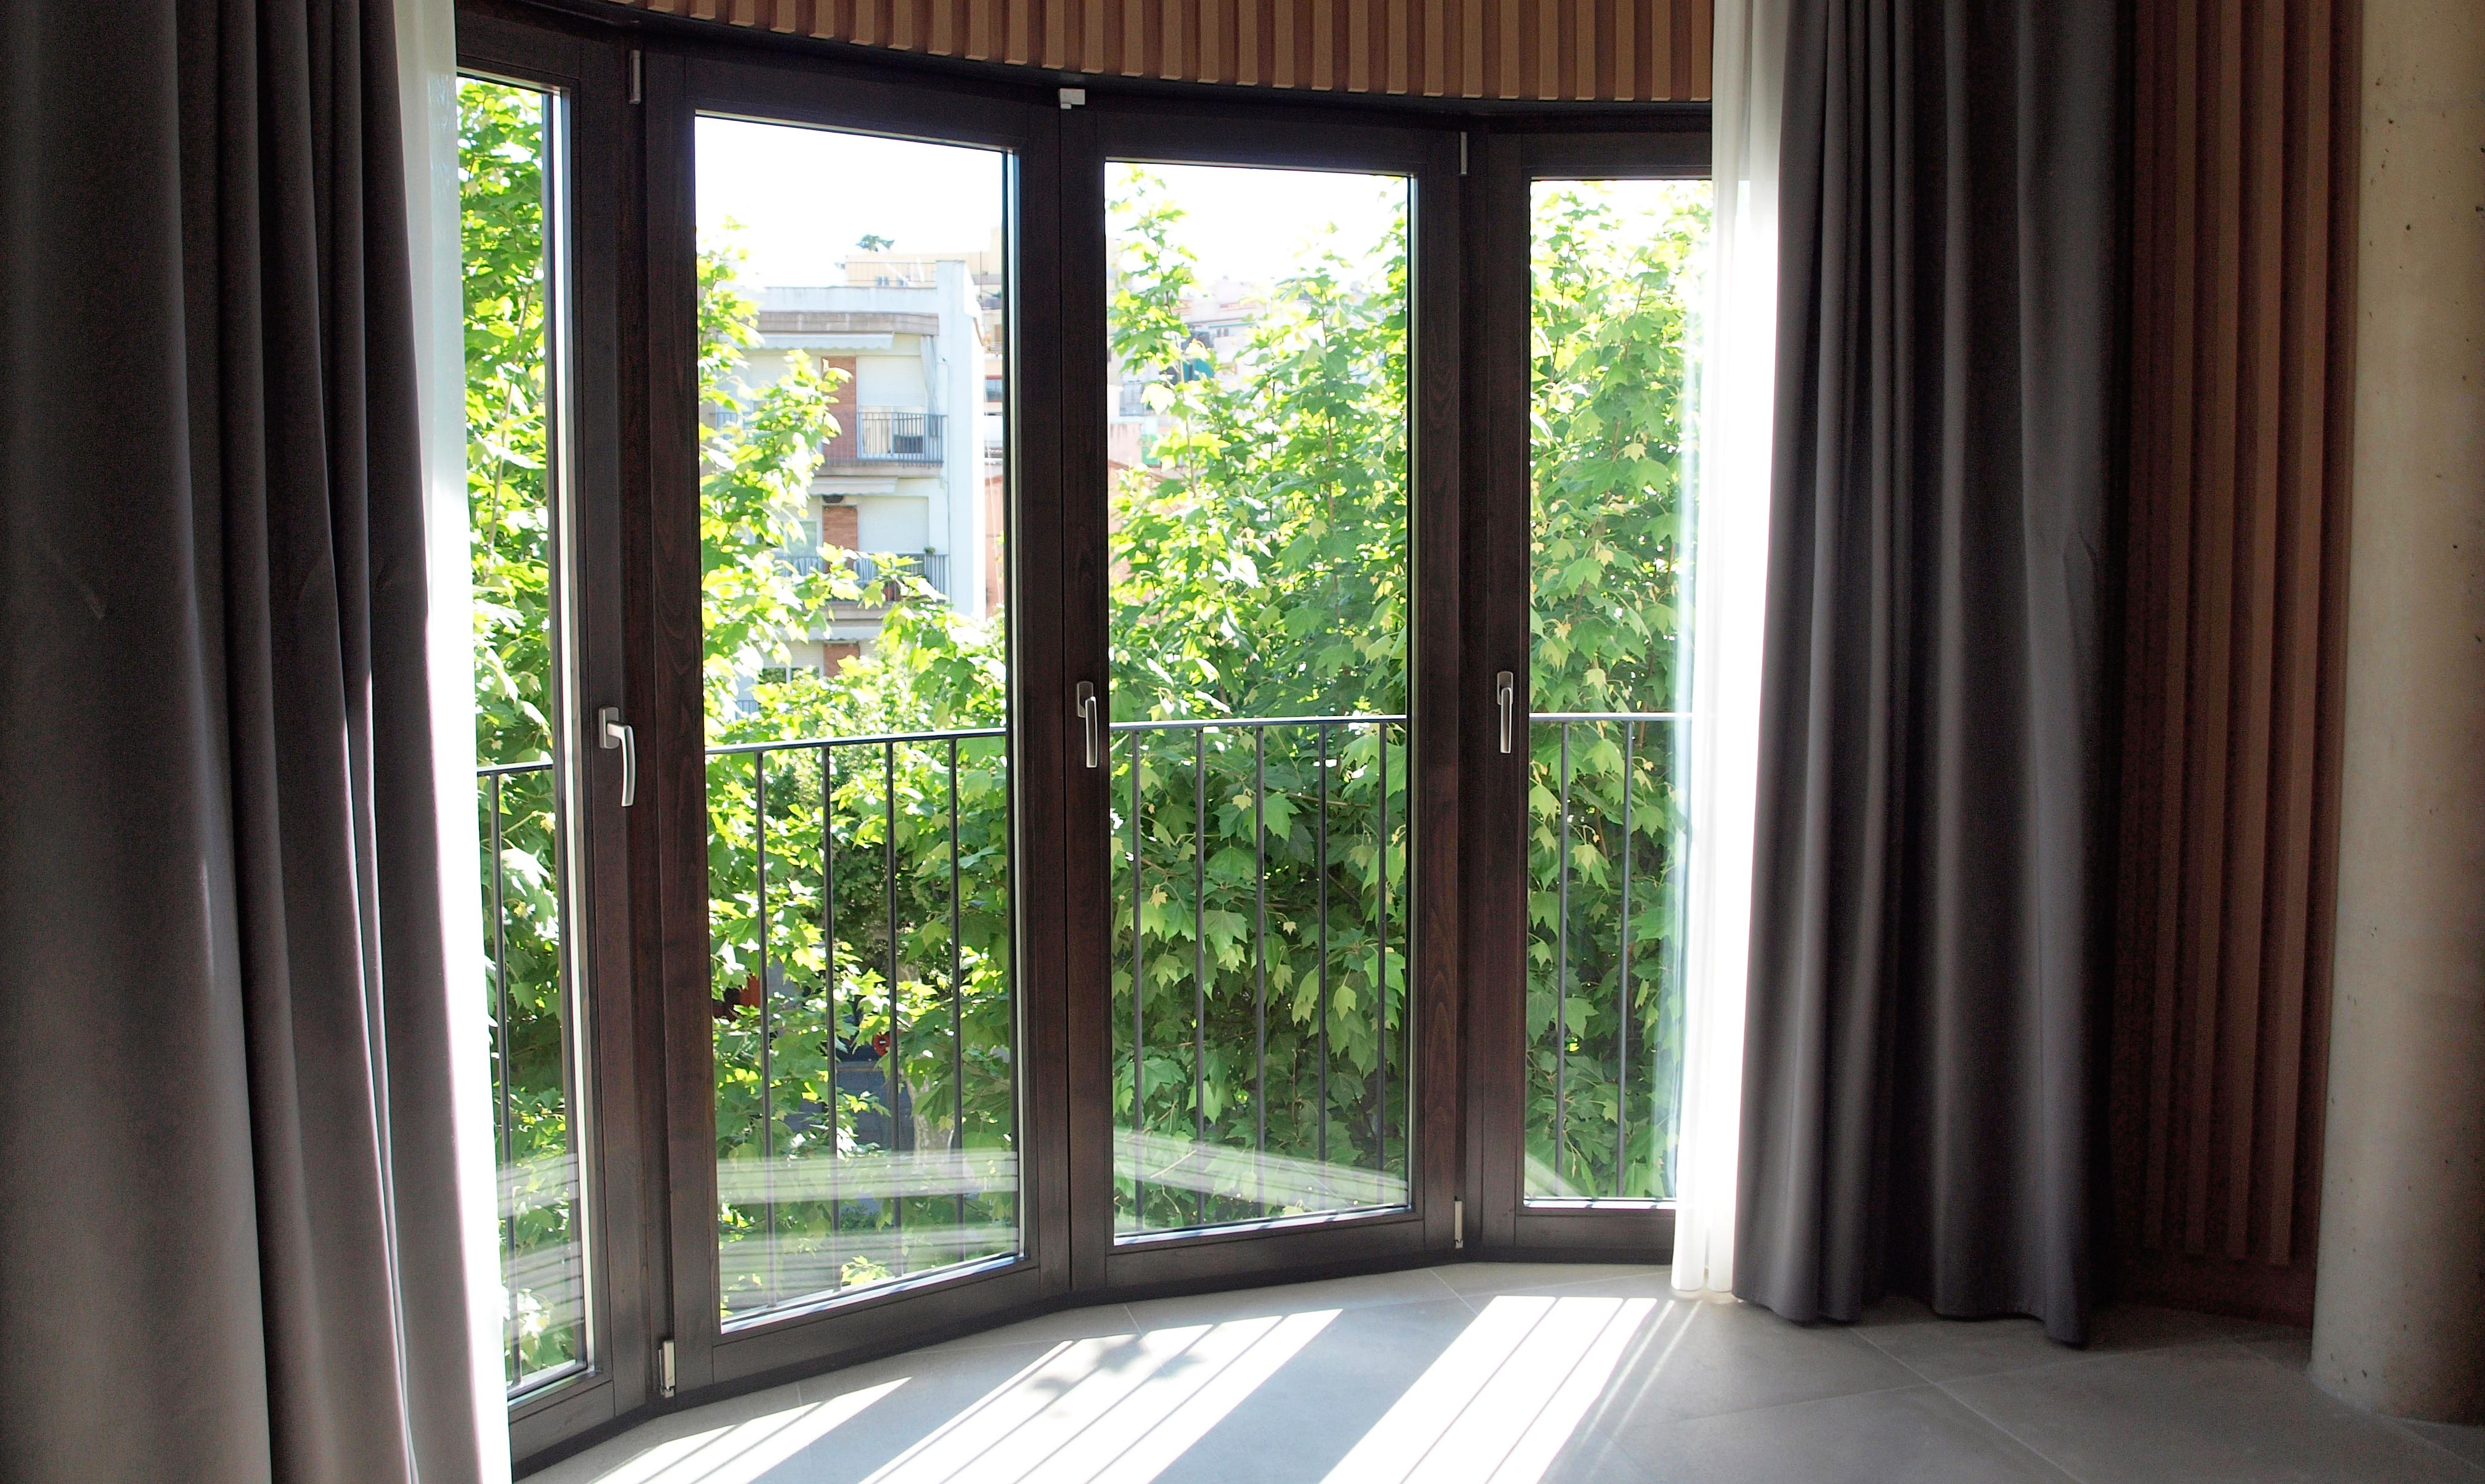 ventanas de madera Barcelona Arenys de Mar Hotel Boutique con ventanas de madera la Roca Village ventanas de madera ángulo